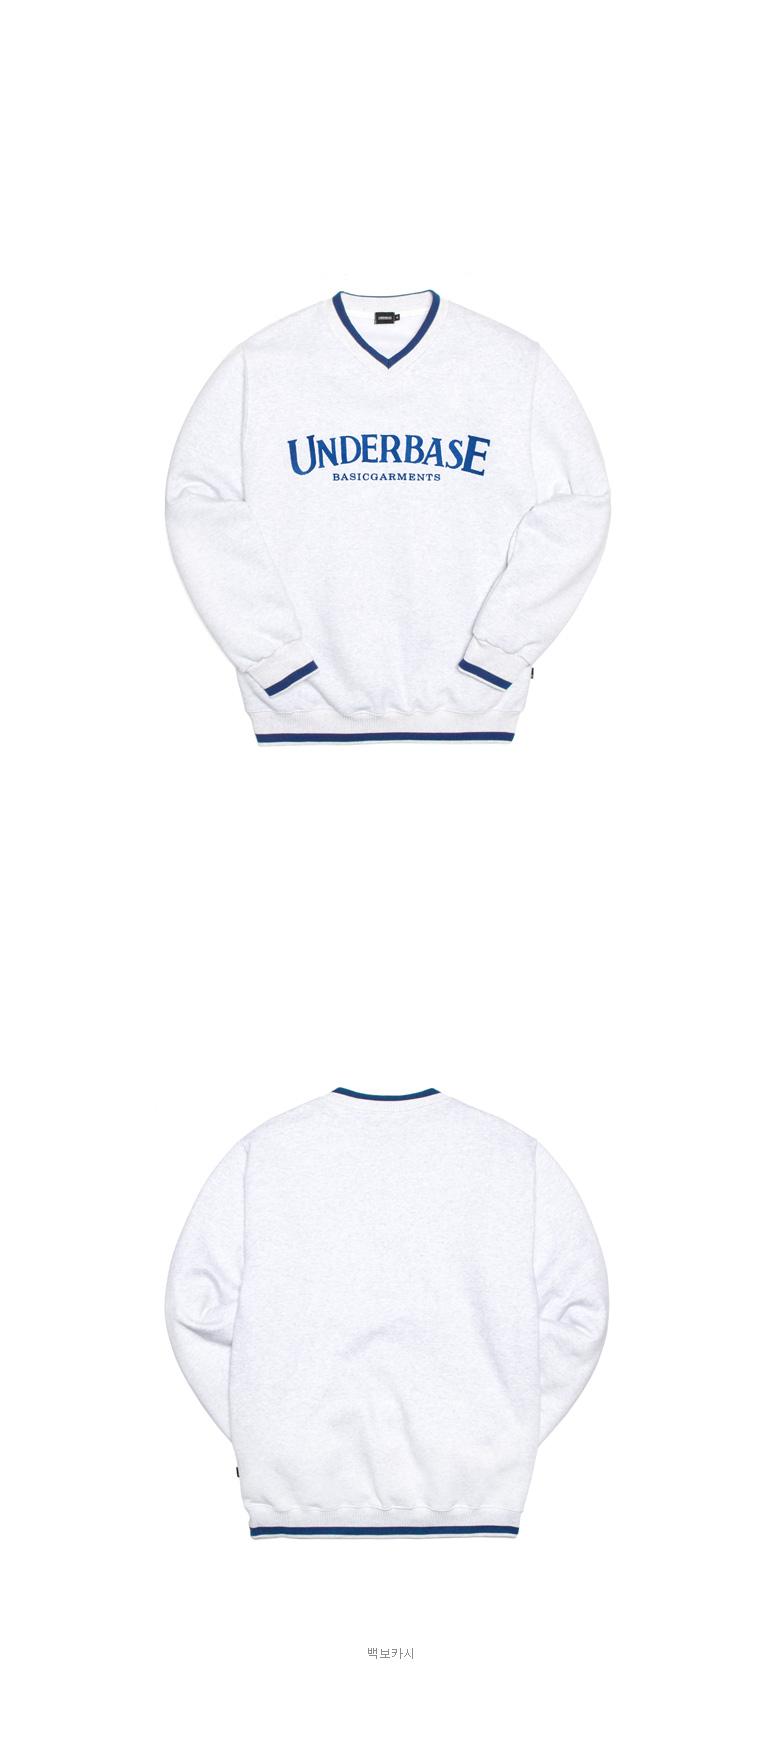 [언더베이스] 2X1 브이넥 맨투맨 검정 SMMT9013